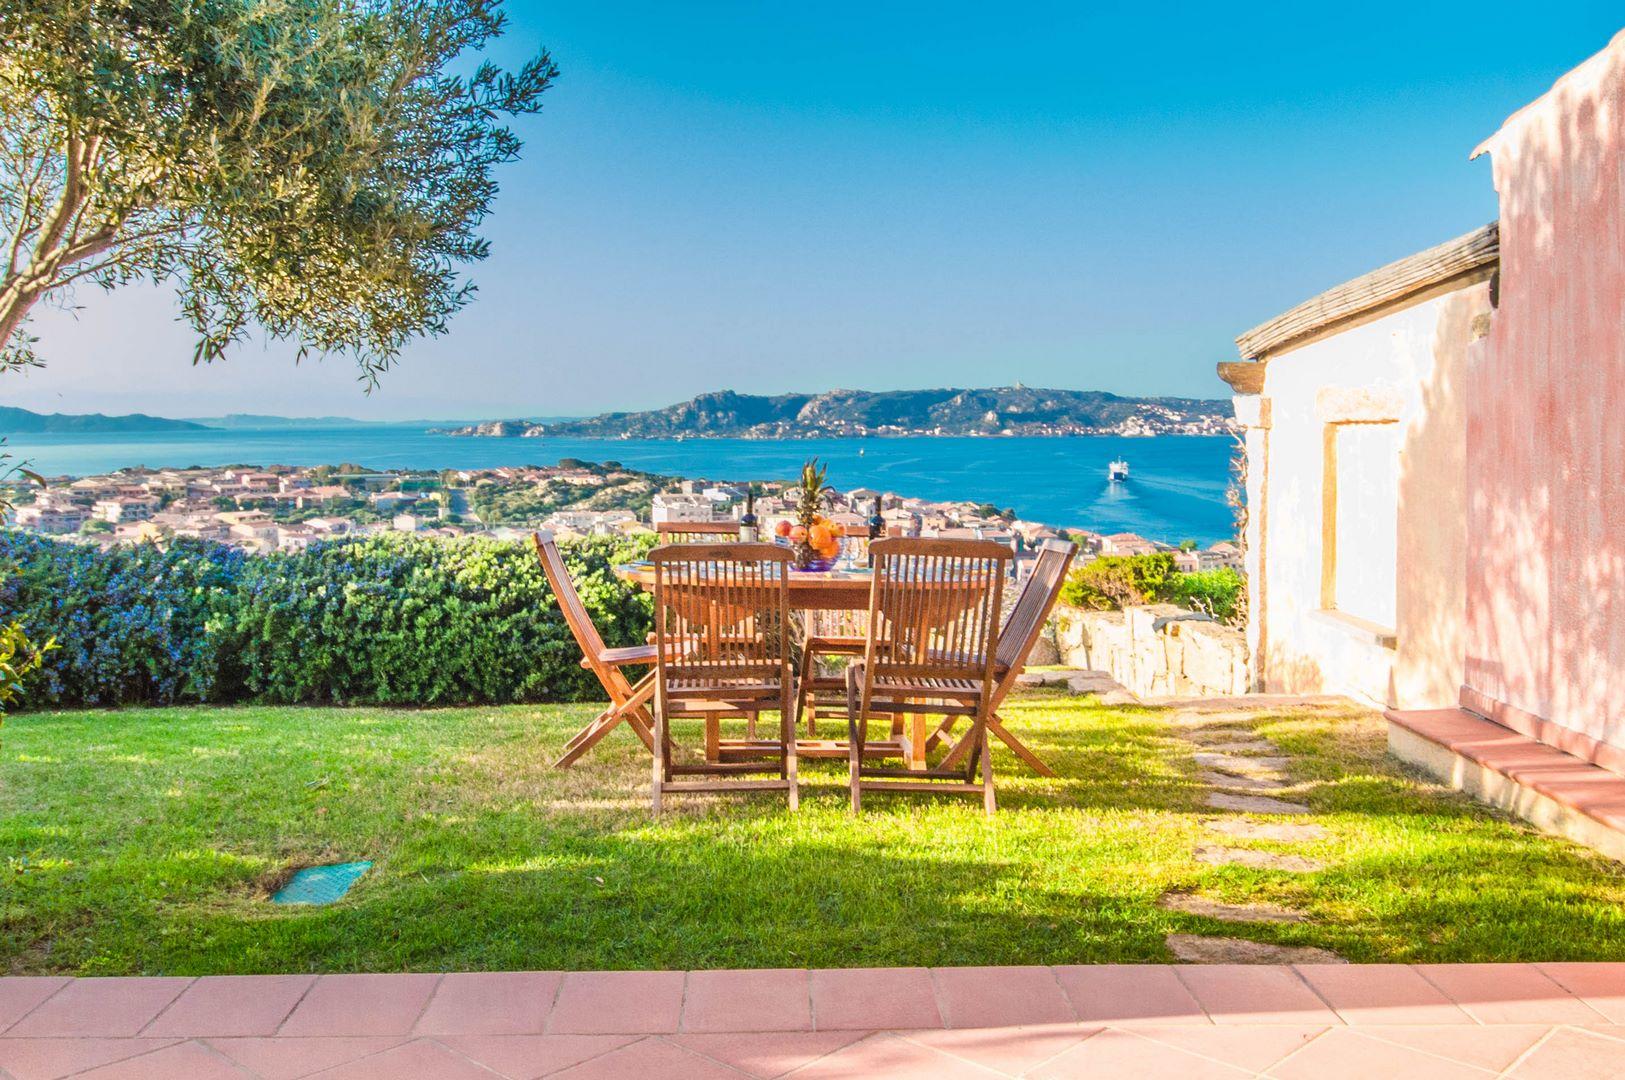 Palau villetta con giardino e vista mare da cartolina